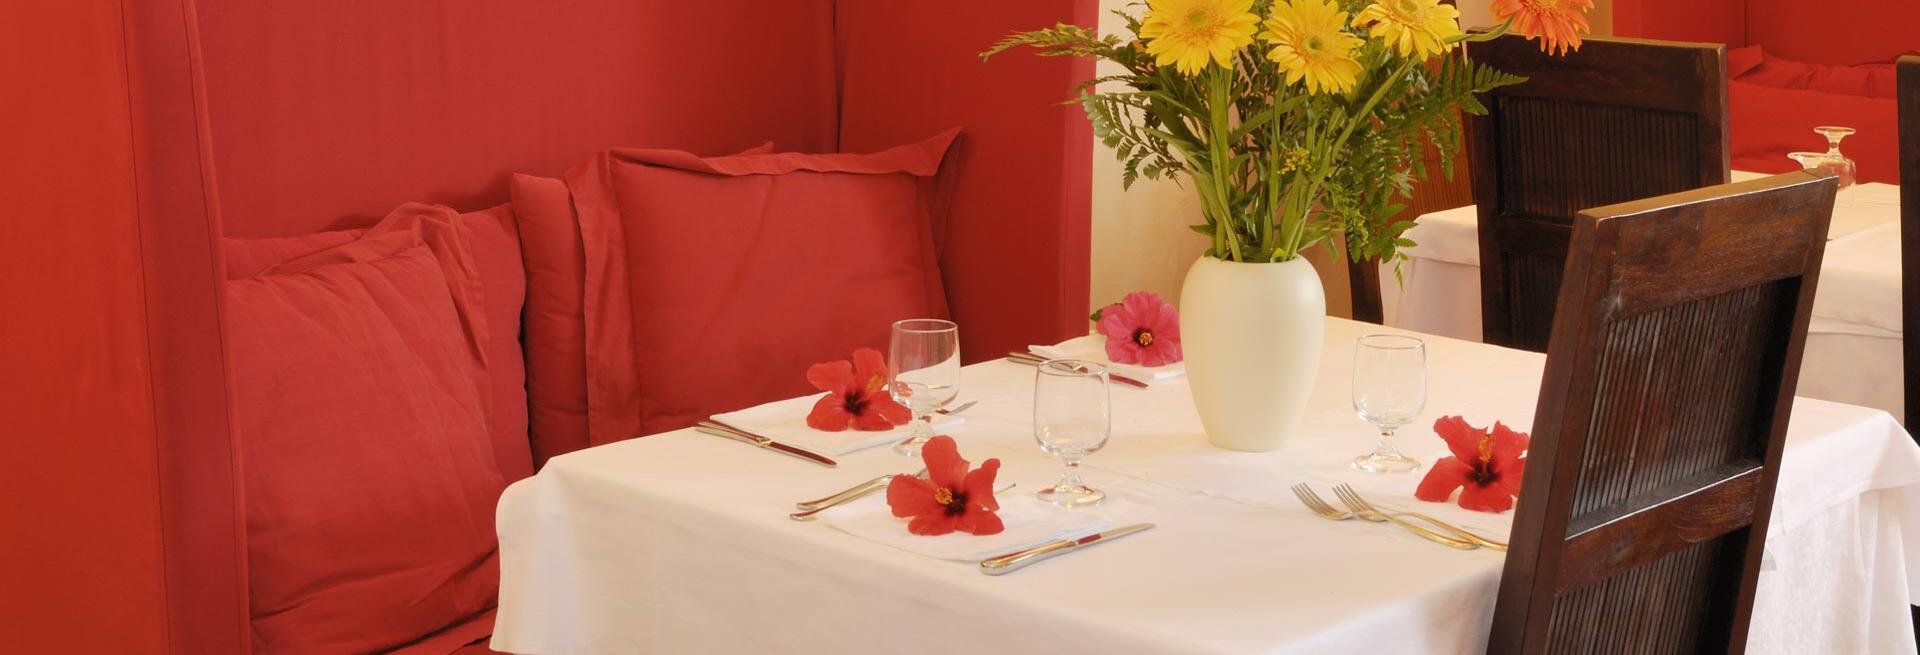 hotelcalarosa fr restaurant 015